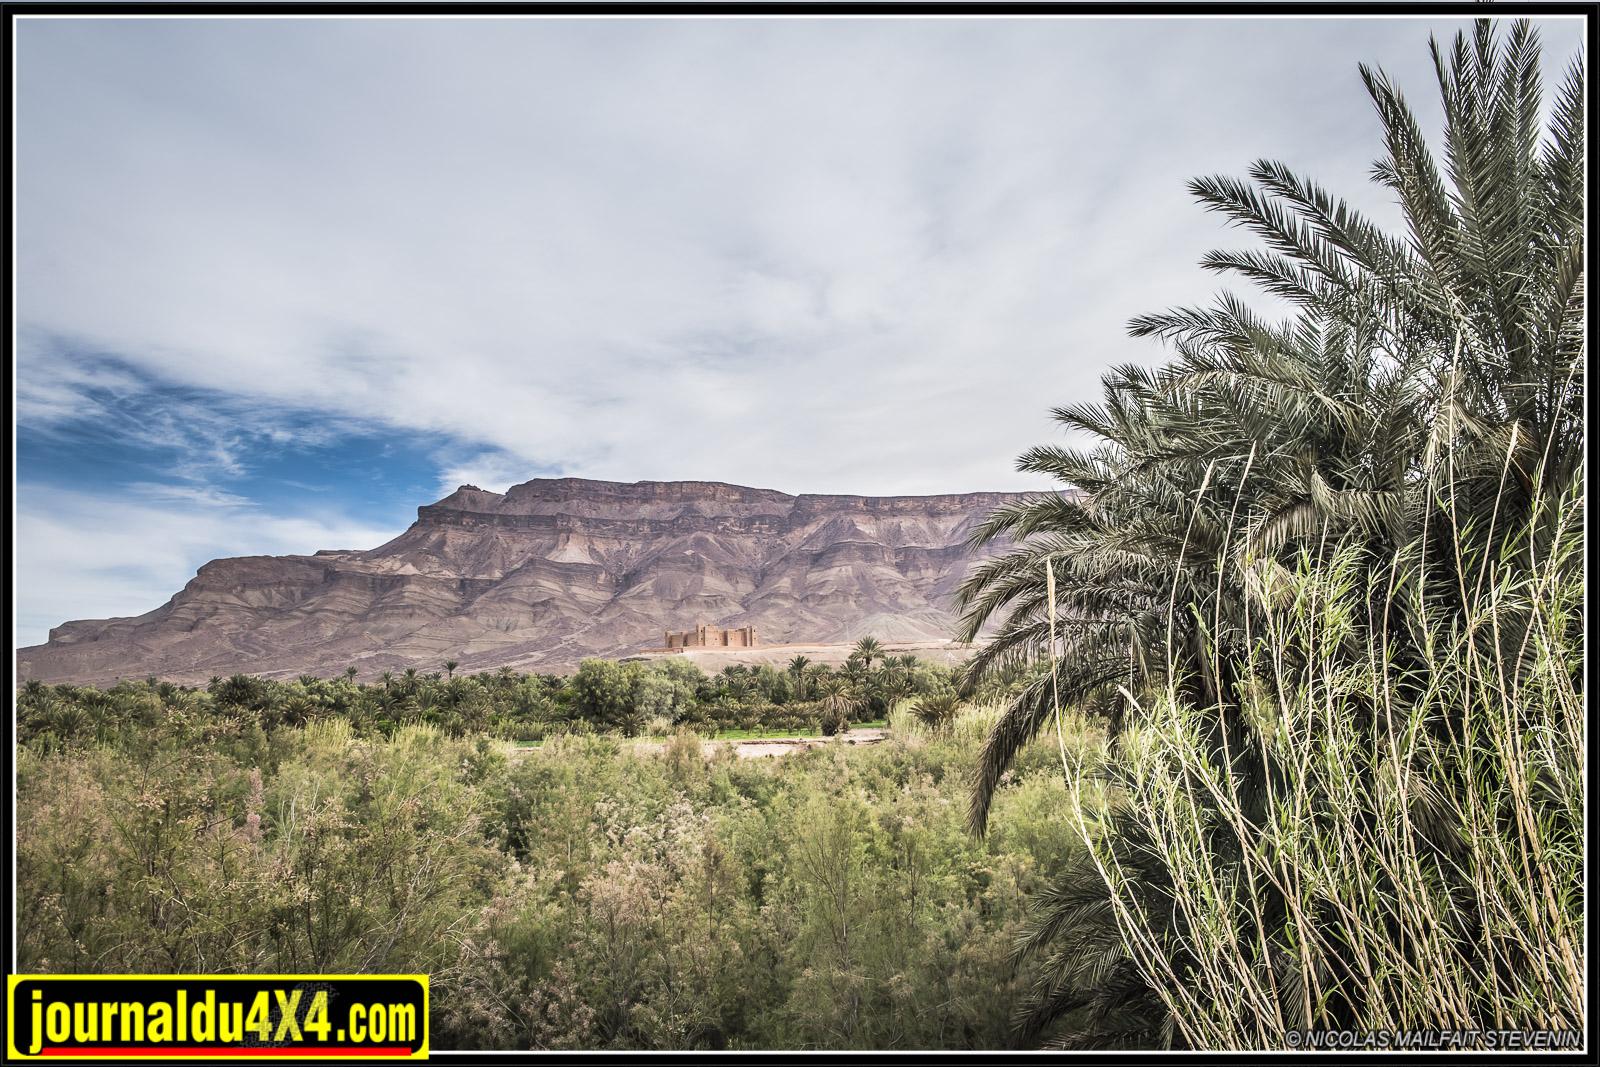 rallye-aicha-gazelles-maroc-2017-6709.jpg